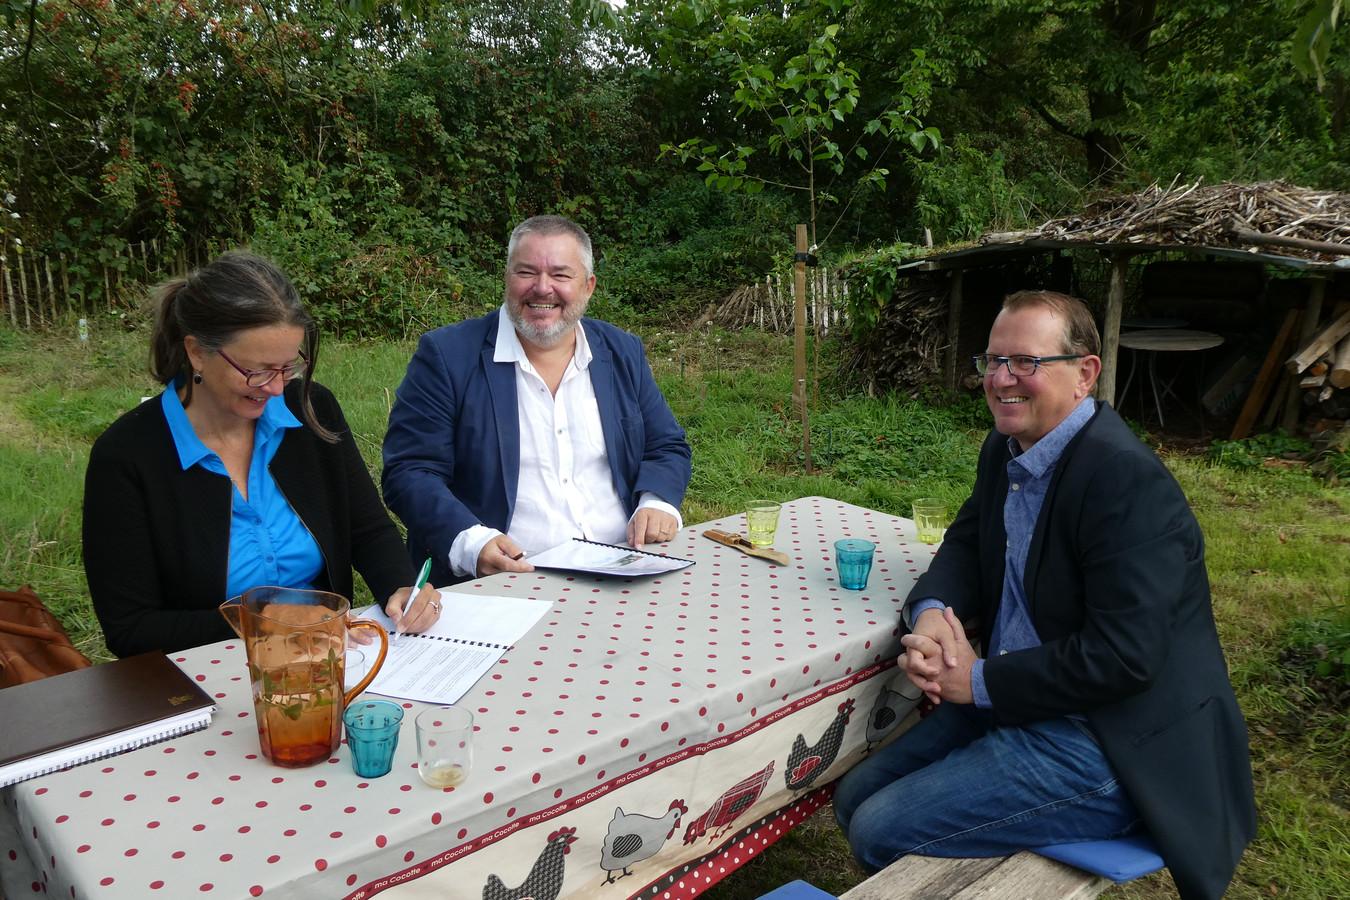 Patricia van Rooij en Rik Spooren ondertekenen de intentieovereenkomst zodat Erbij Dagebesting aan de slag kan bij De Kleine Aarde. Guido van de Laar, een van de eigenaren van Erbij Dagbesteding, kijkt toe.